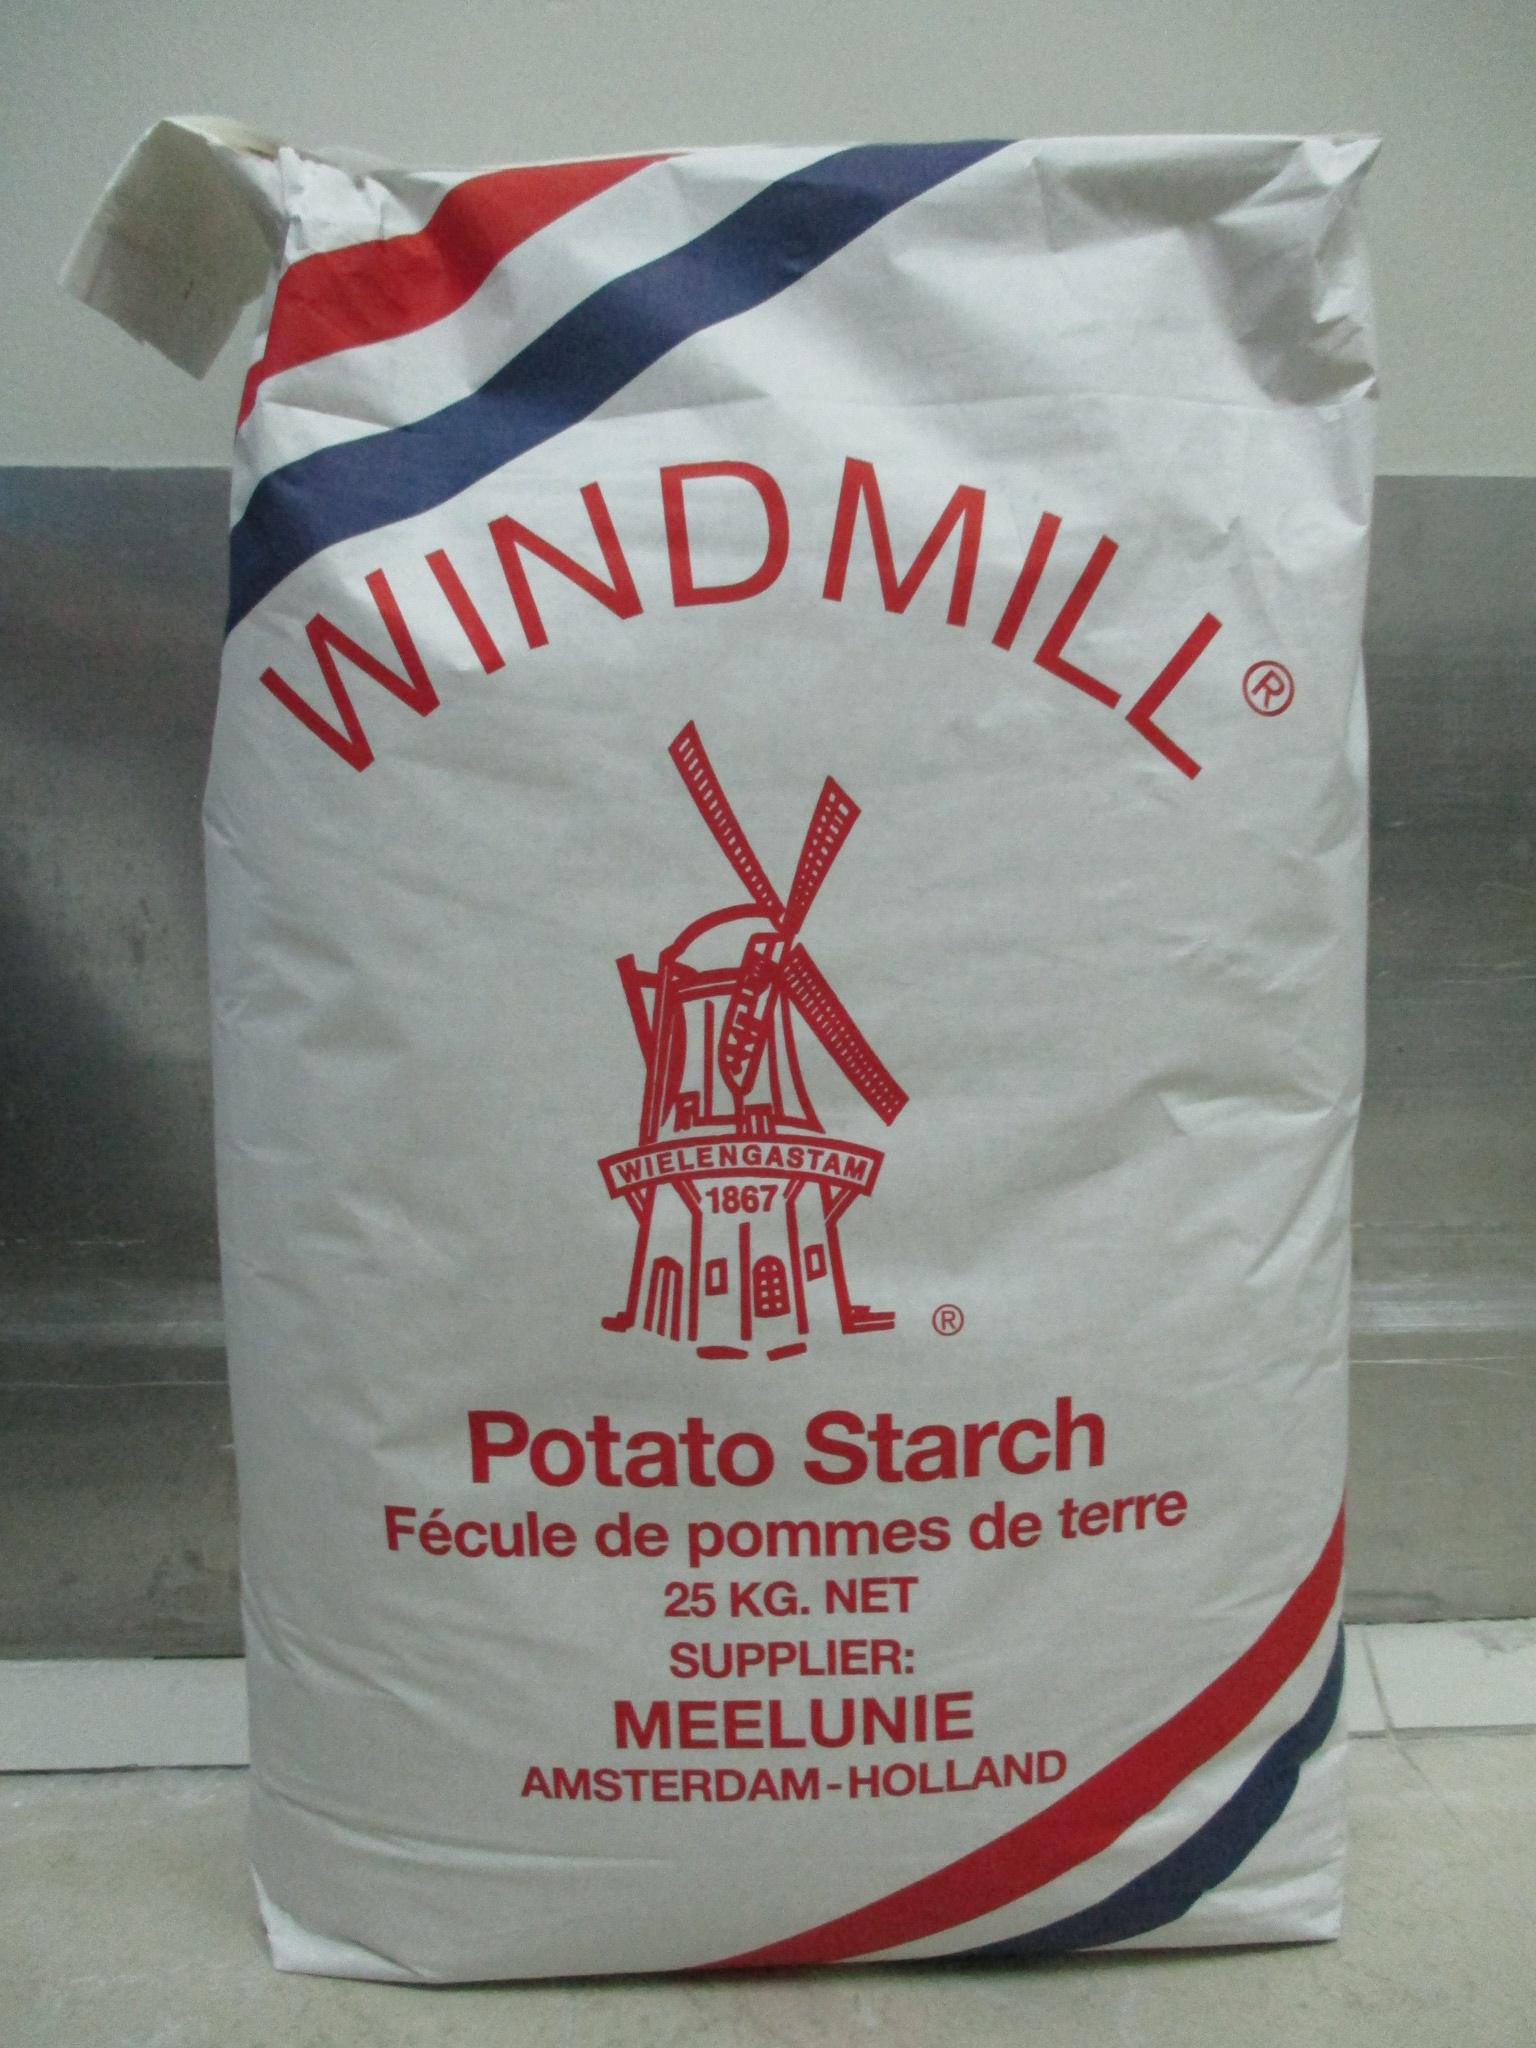 Windmill Potato Starch 25kg c